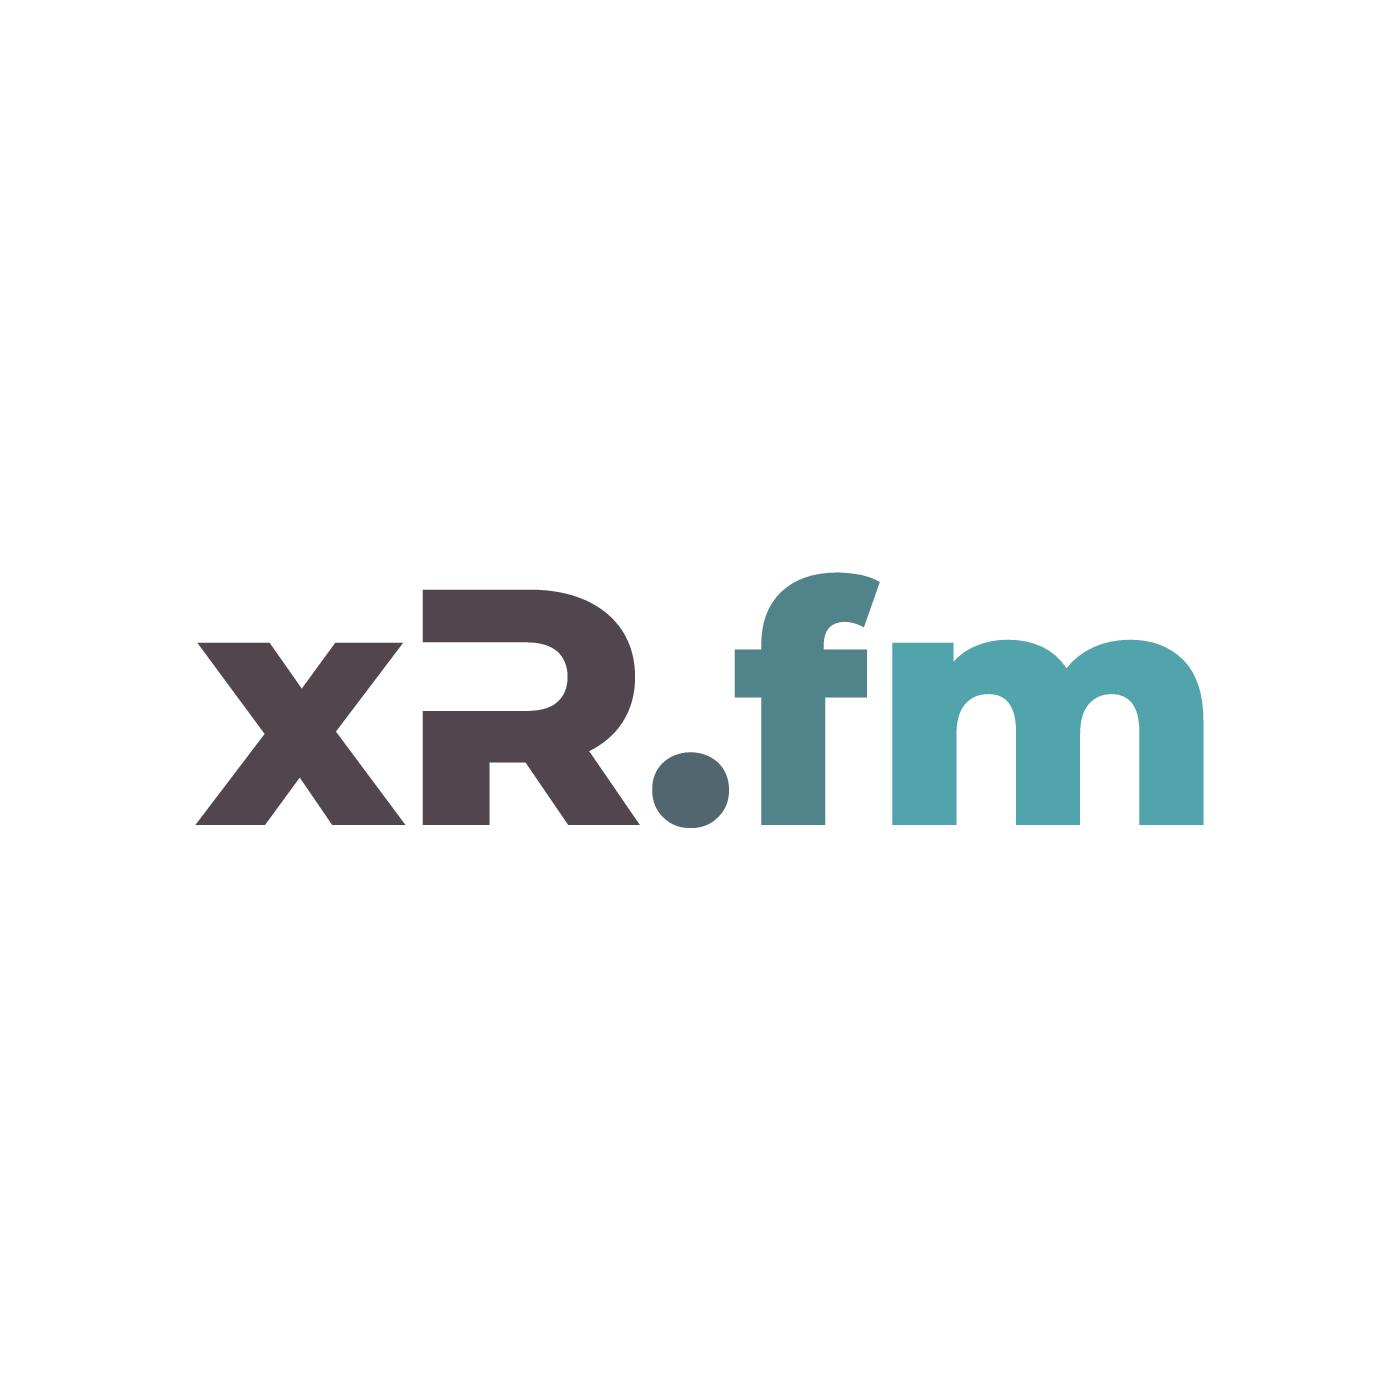 xR.fm